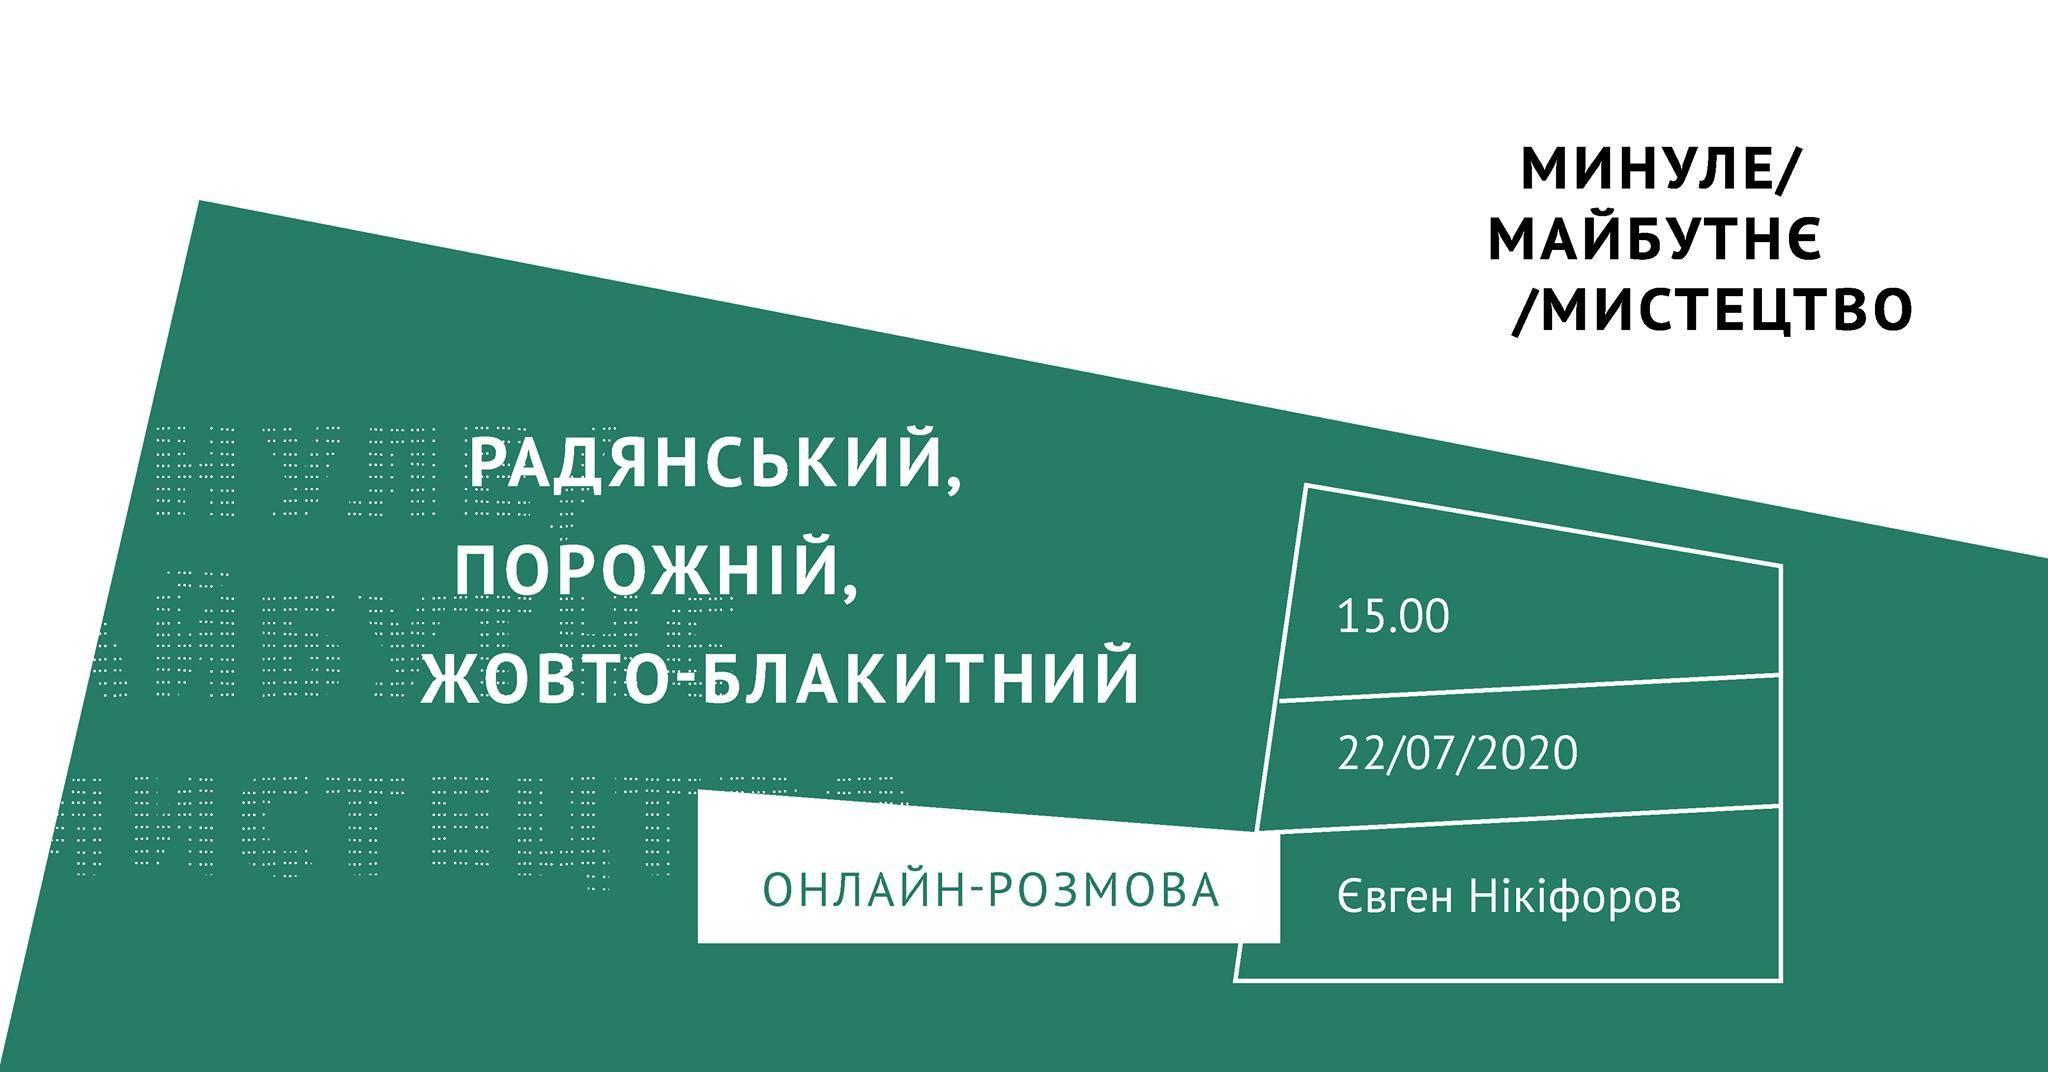 Онлайн-розмова з Євгеном Нікіфоровим